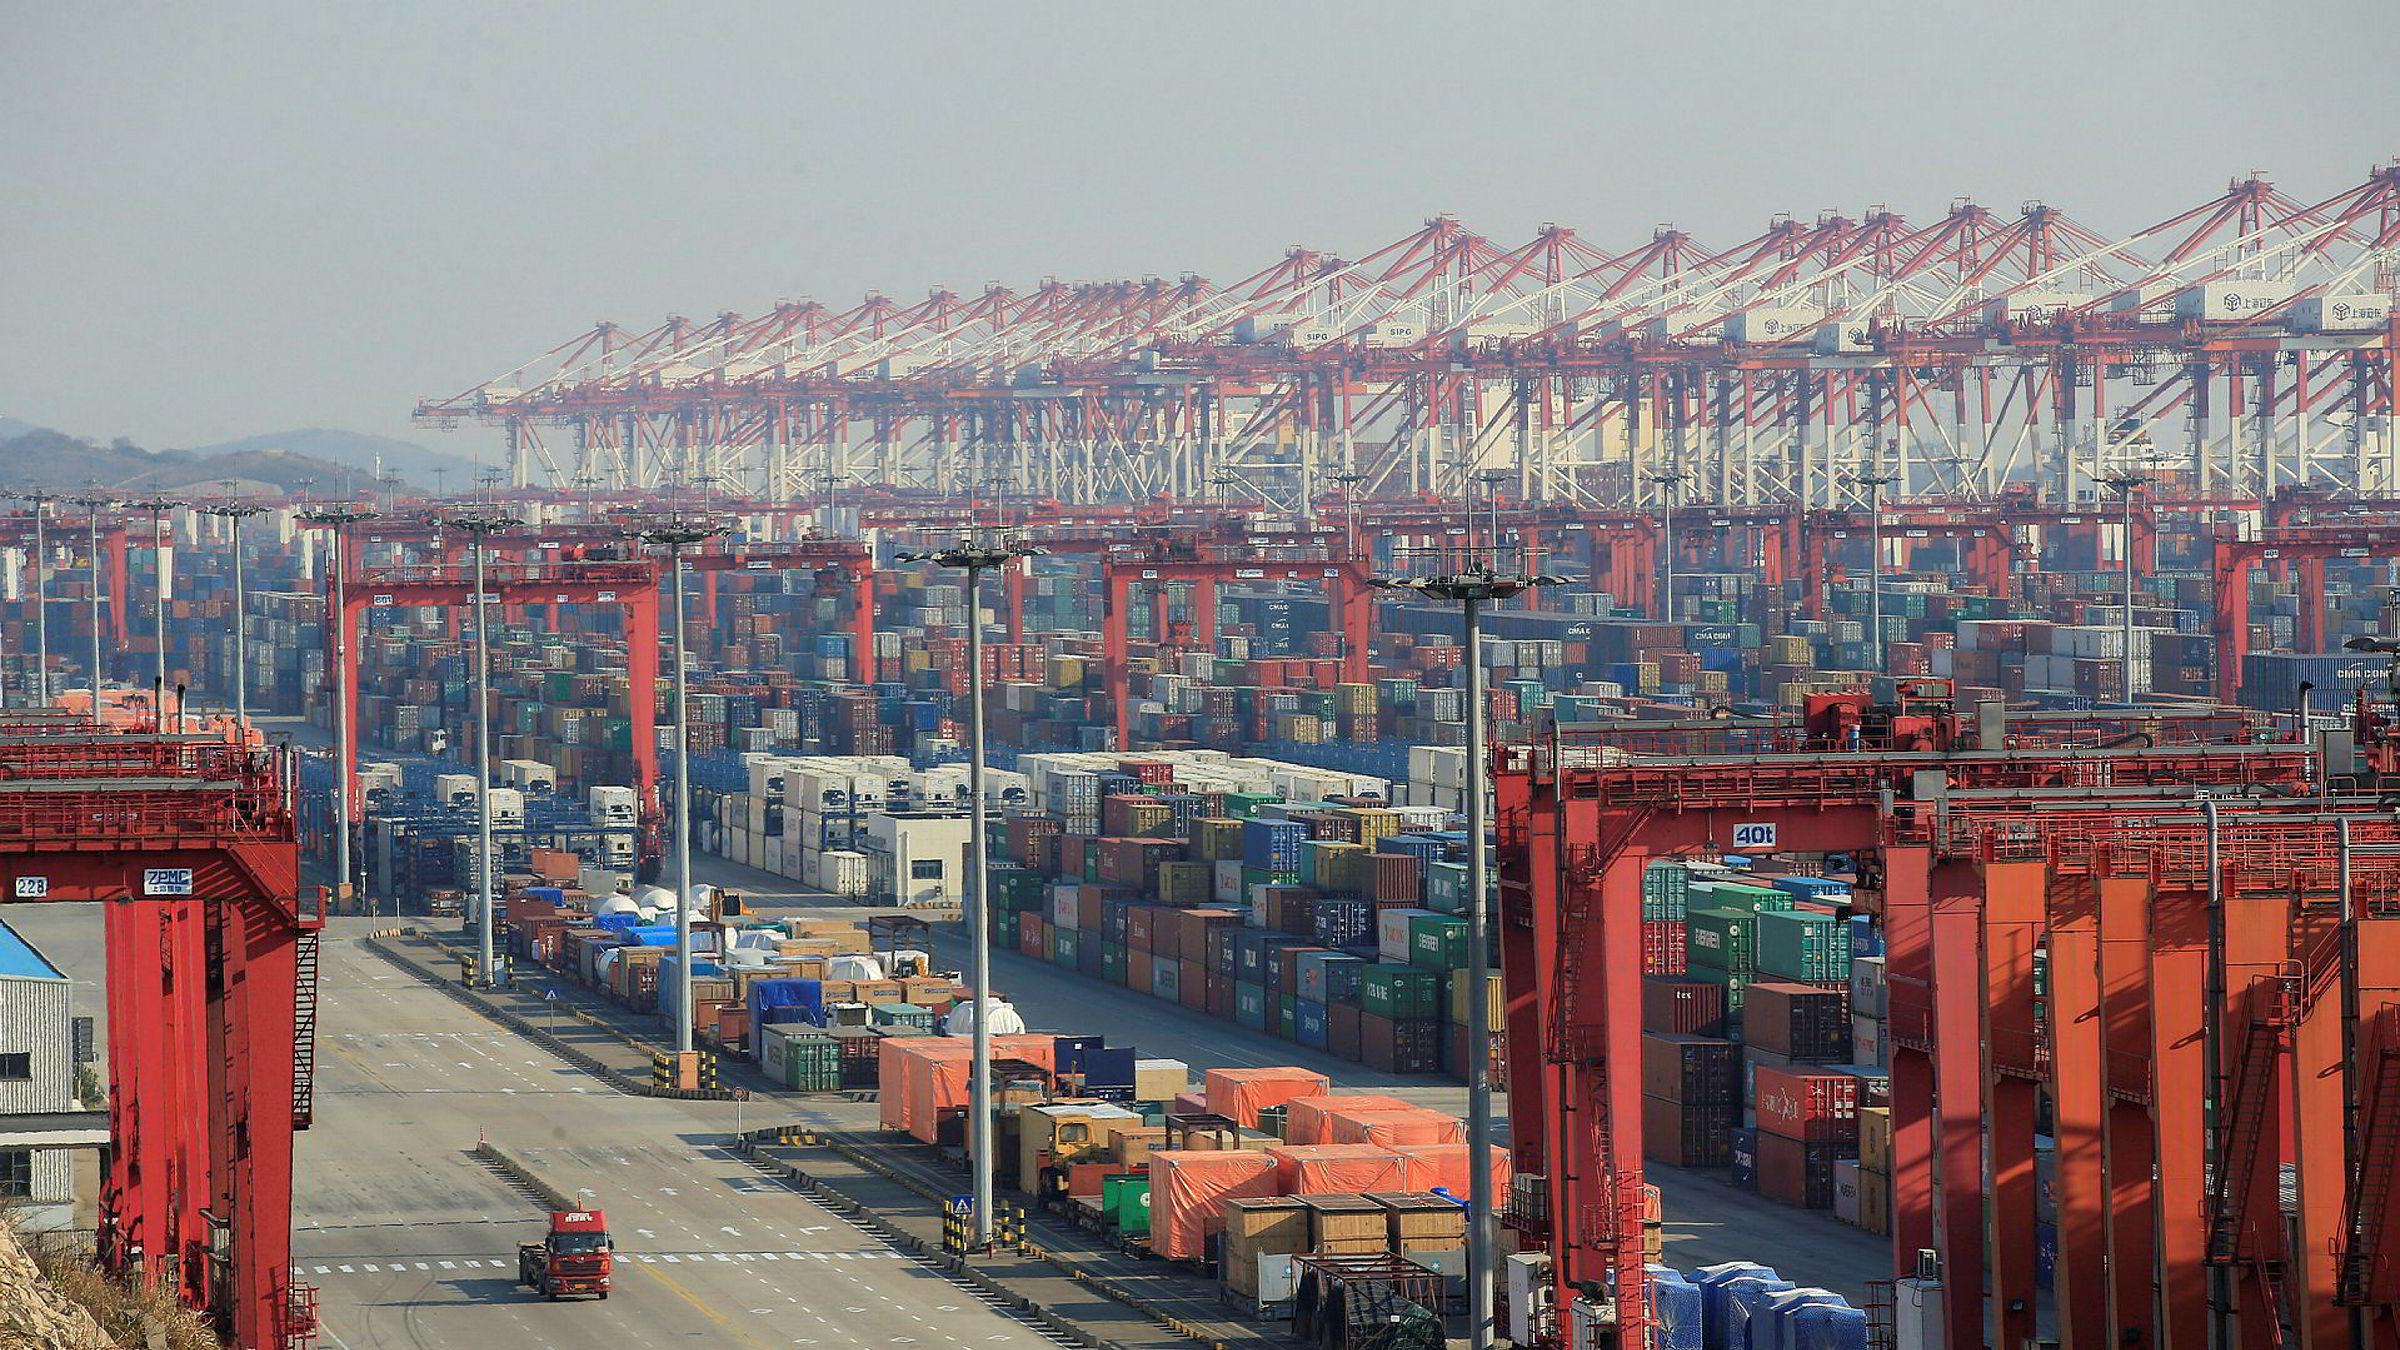 Aktiviteten i kinesisk industri stupte i februar, ifølge de siste PMI-indeksene. Blant annet har antall containere som venter på å bli fraktet økt voldsomt. Her illustrert ved et bilde fra havnen i Shanghai.